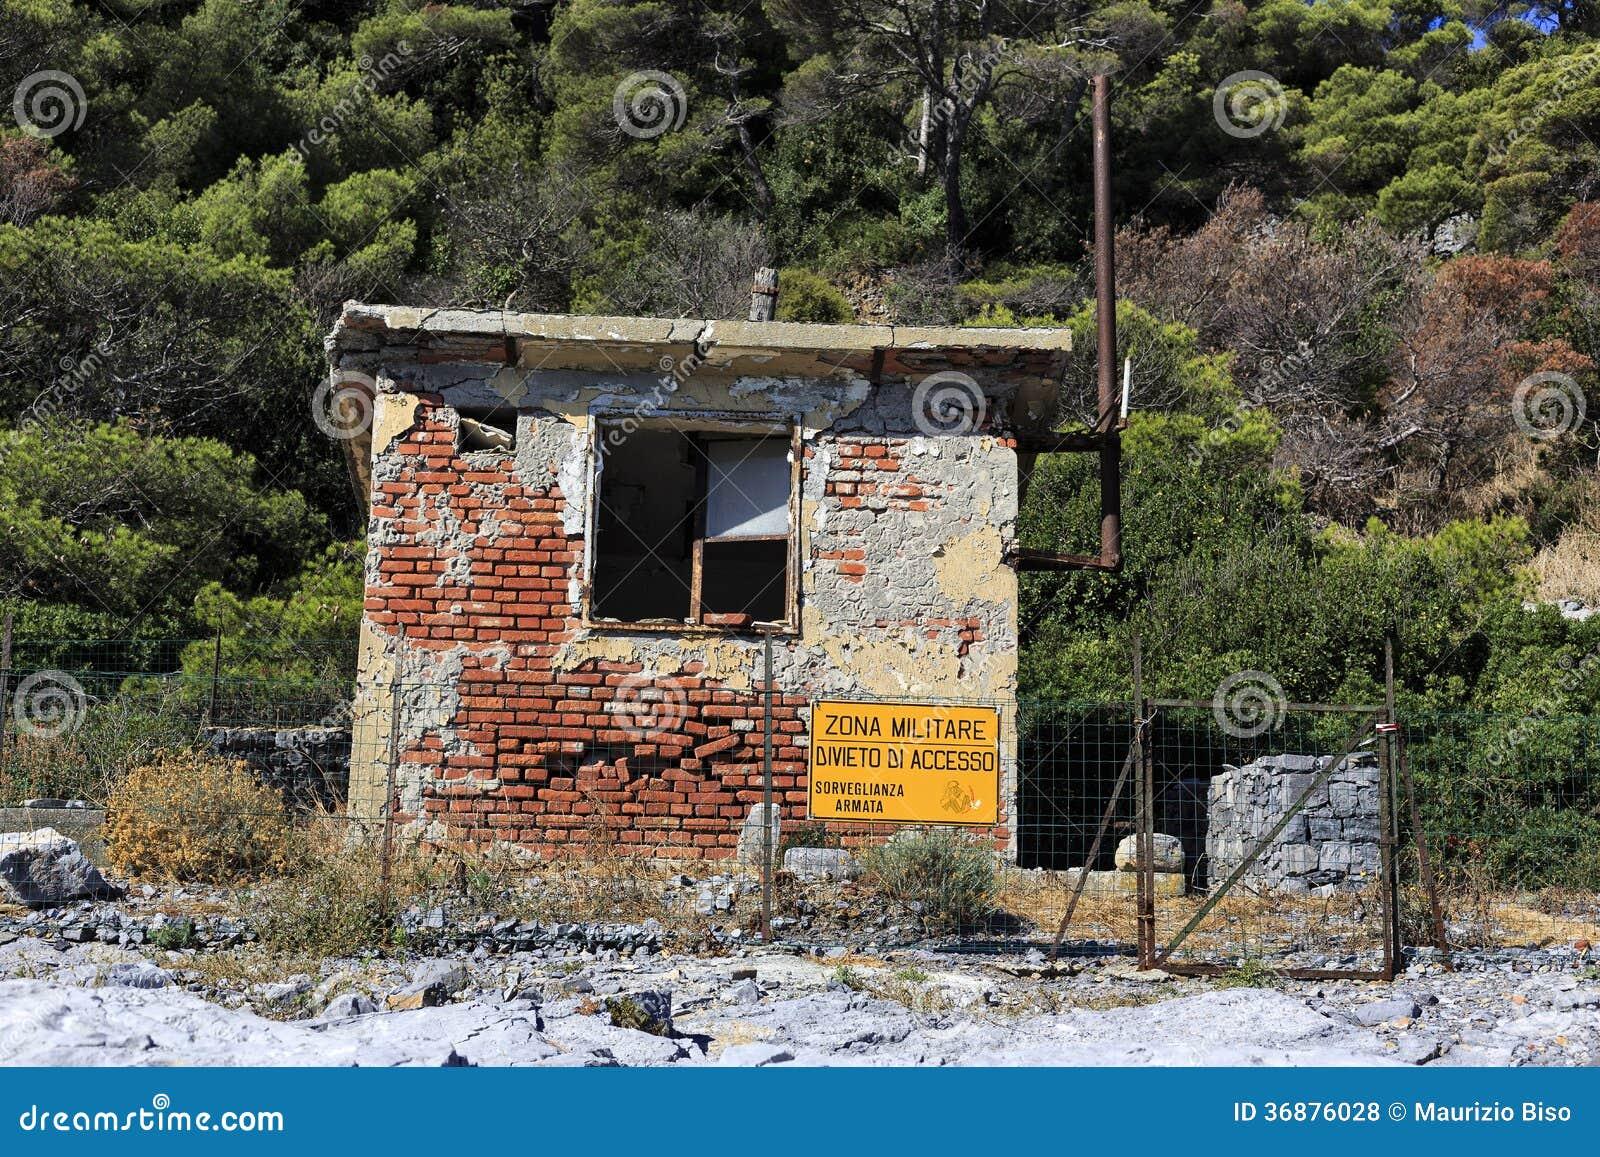 Download Area militare fotografia stock. Immagine di italia, coltura - 36876028